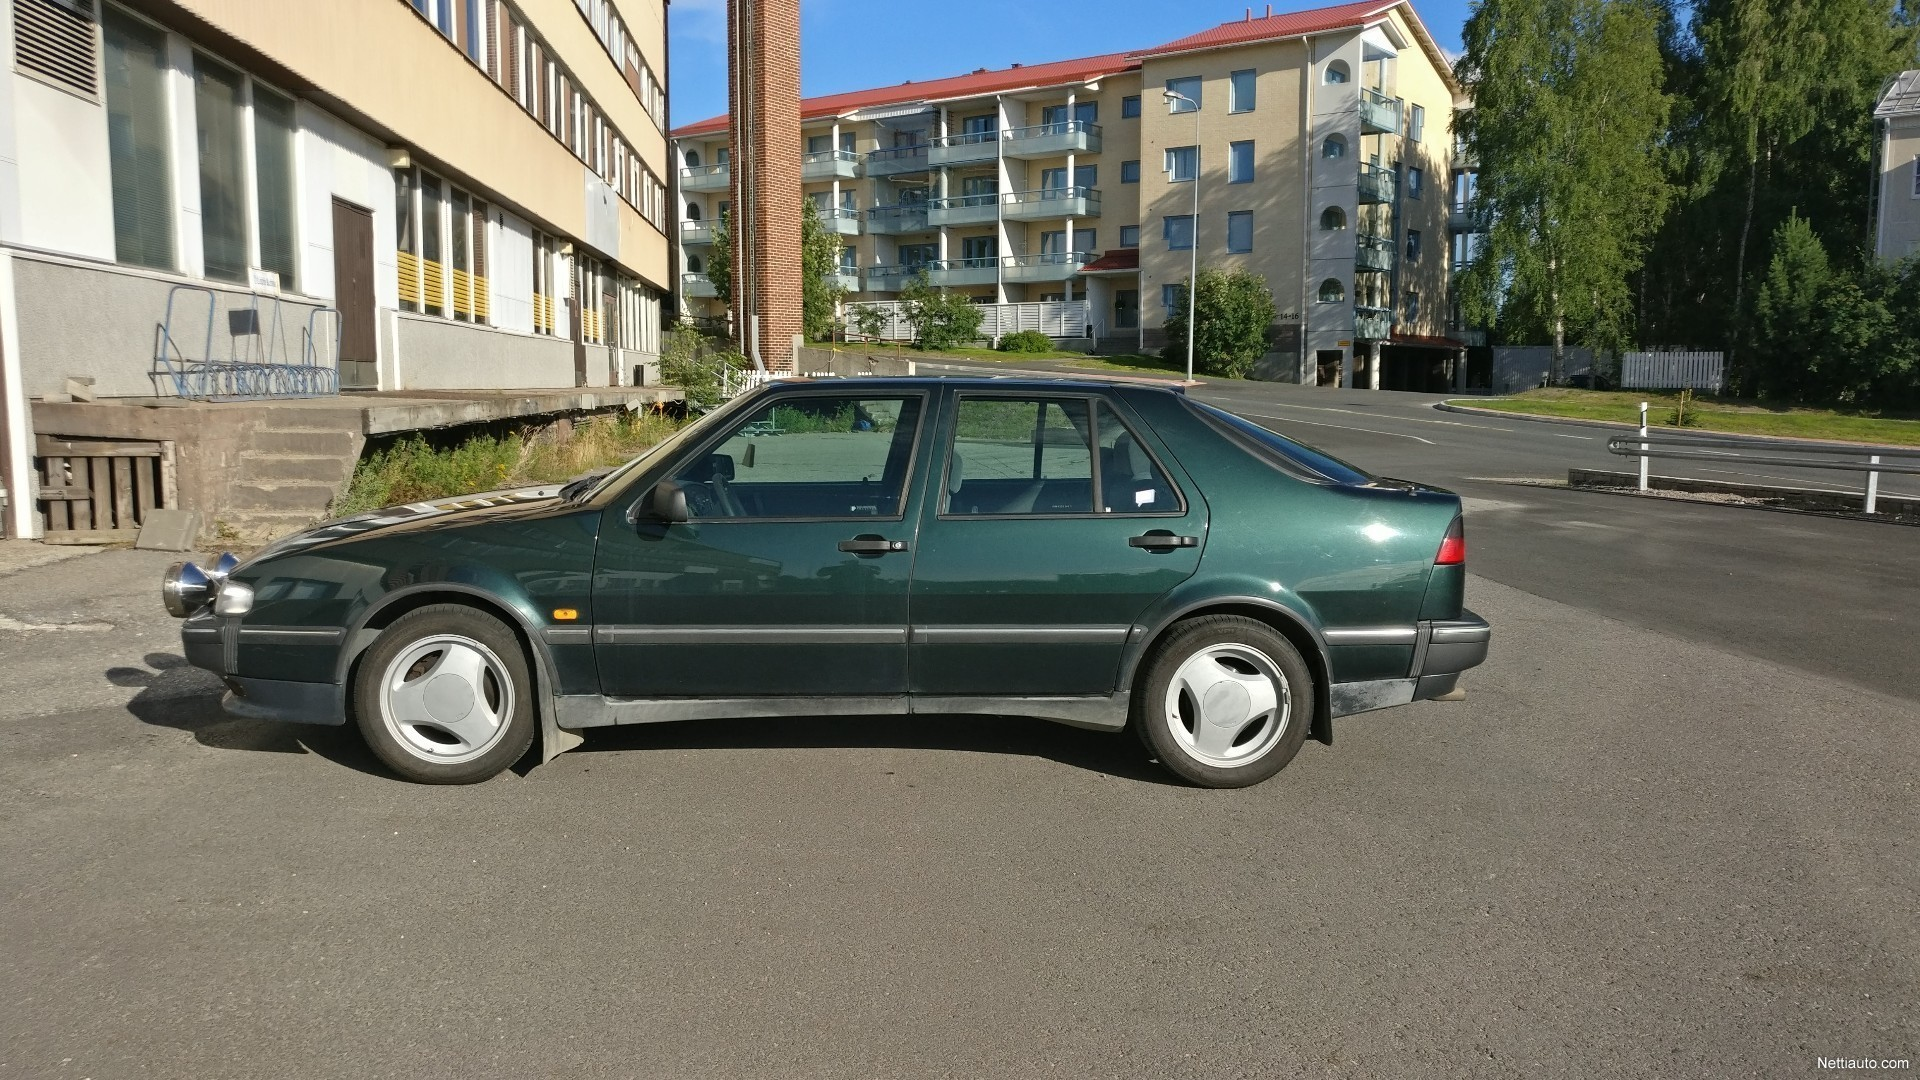 Saab 9000 Cs 2 3i 5d Viistoper U00e4 1994 - Vaihtoauto